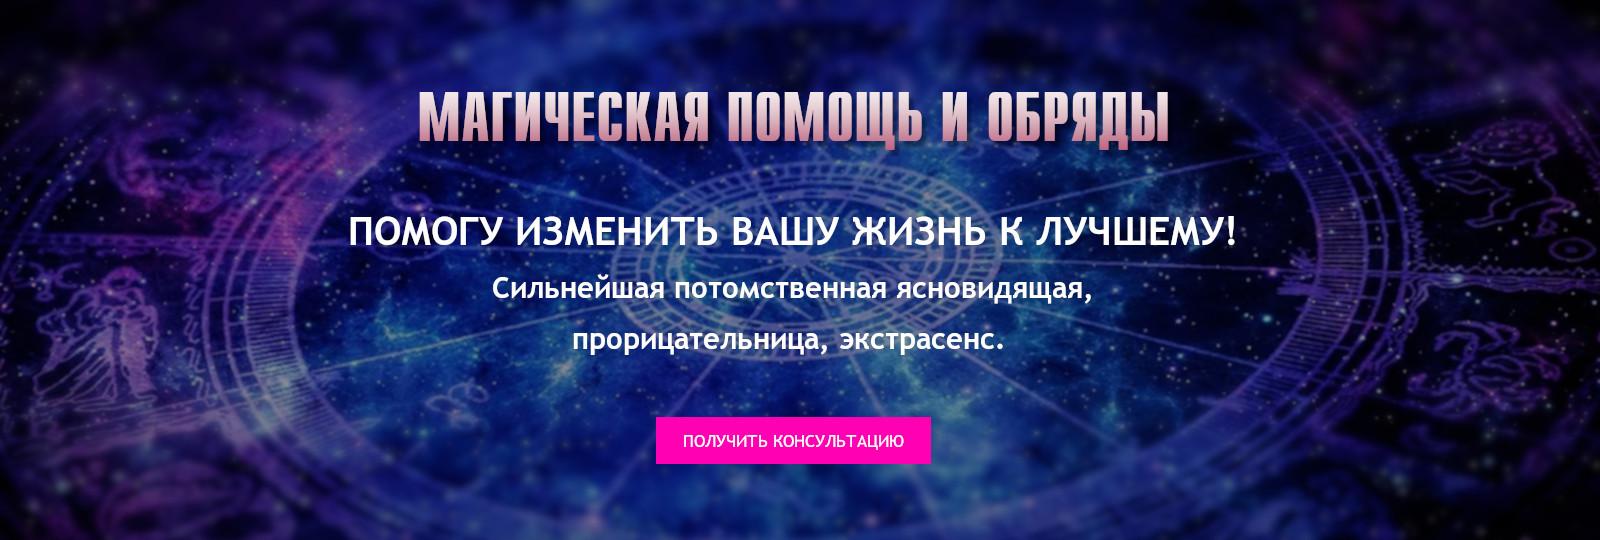 Гадалка Галина - магическая помощь